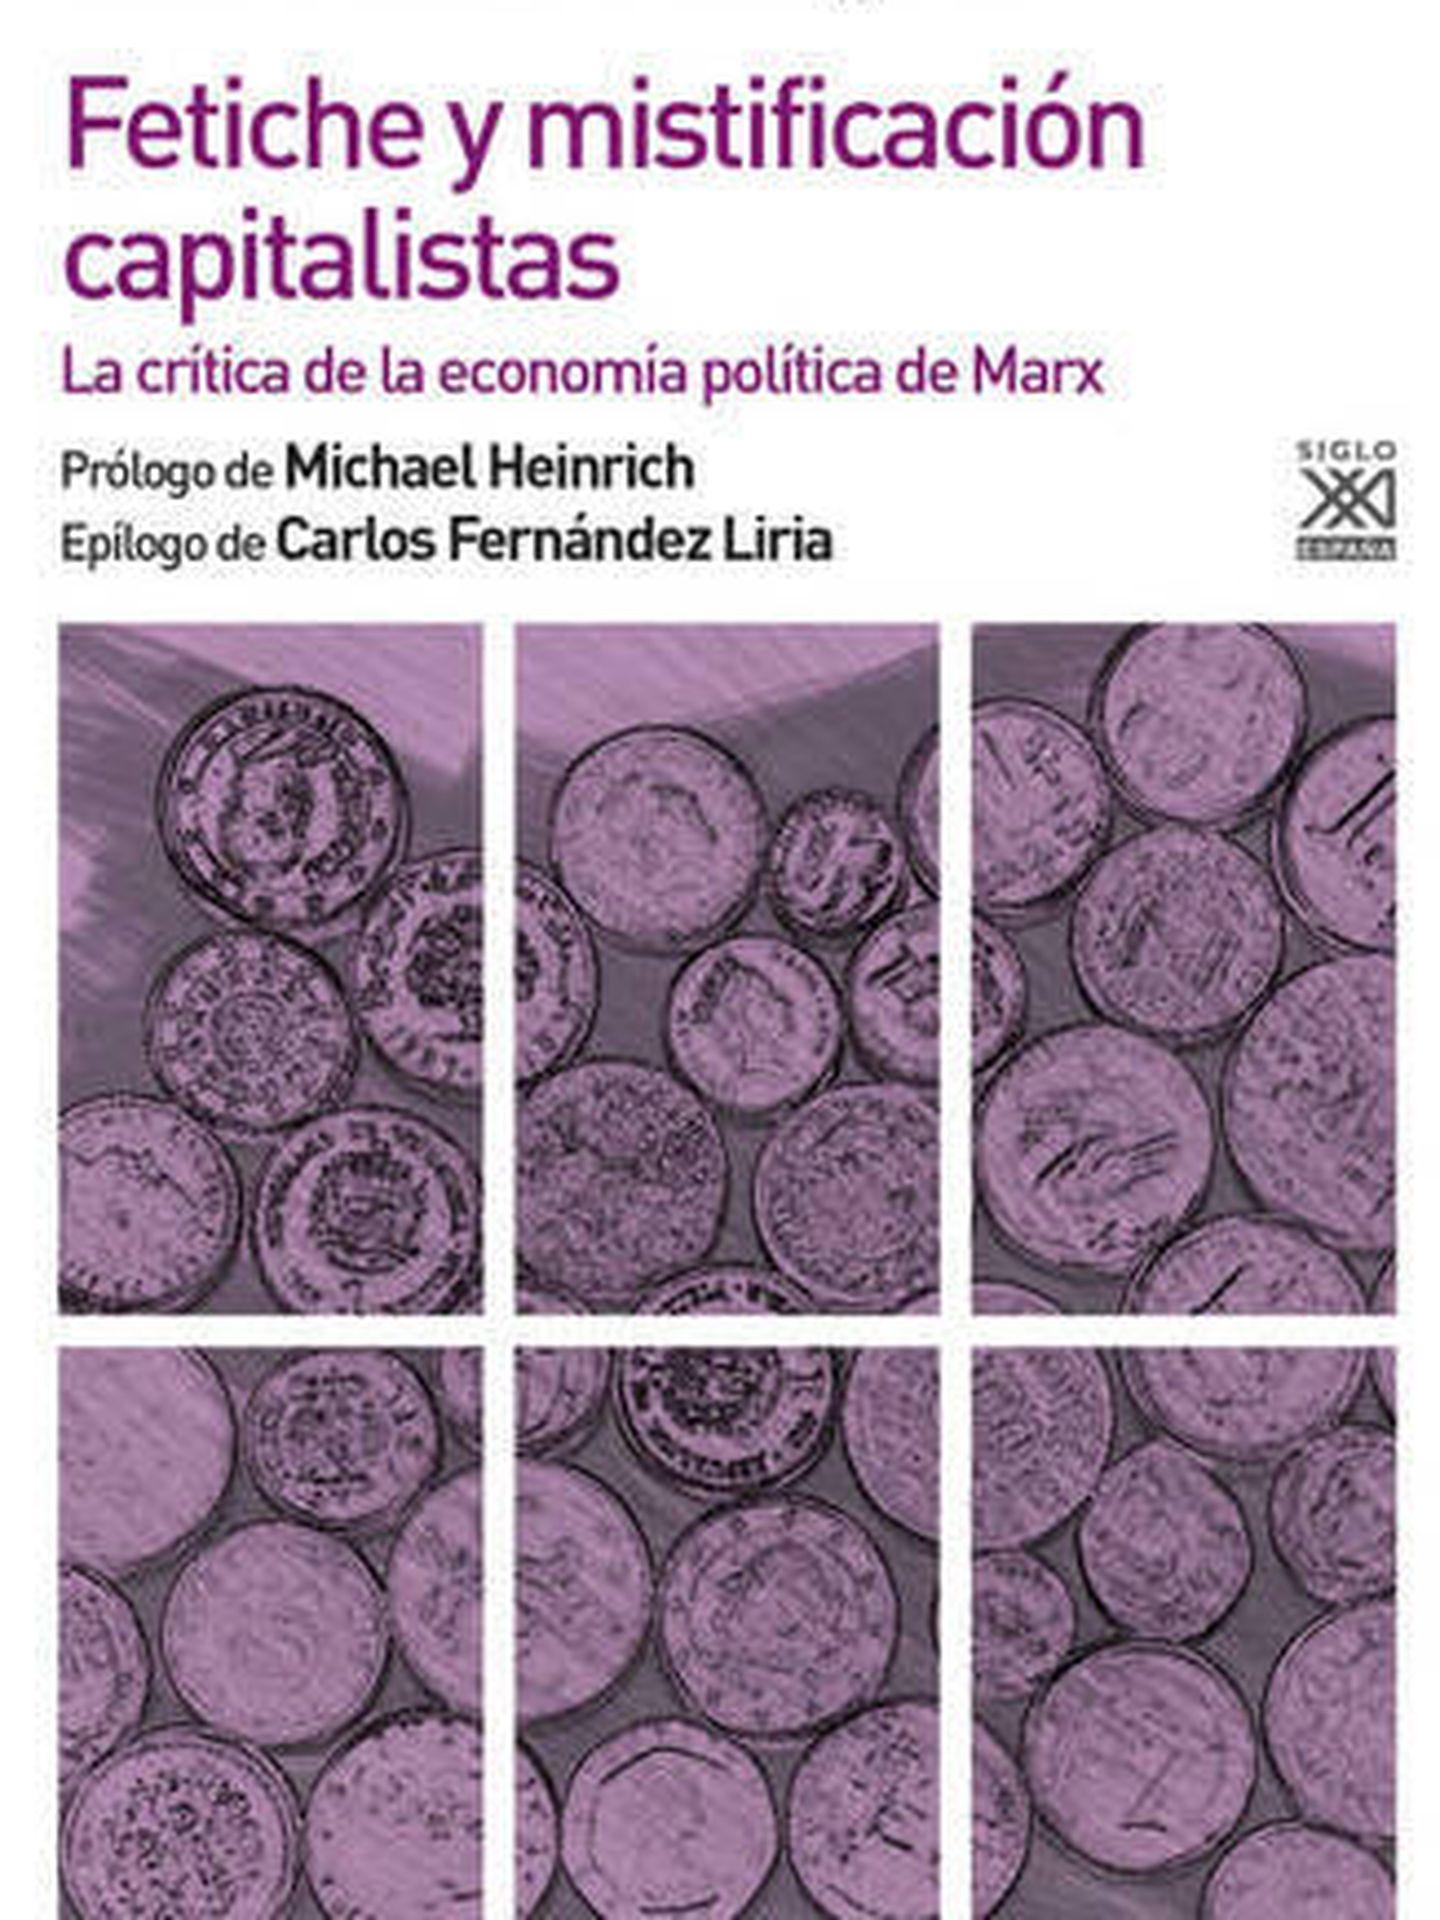 'Fetiche y mistificación capitalistas'